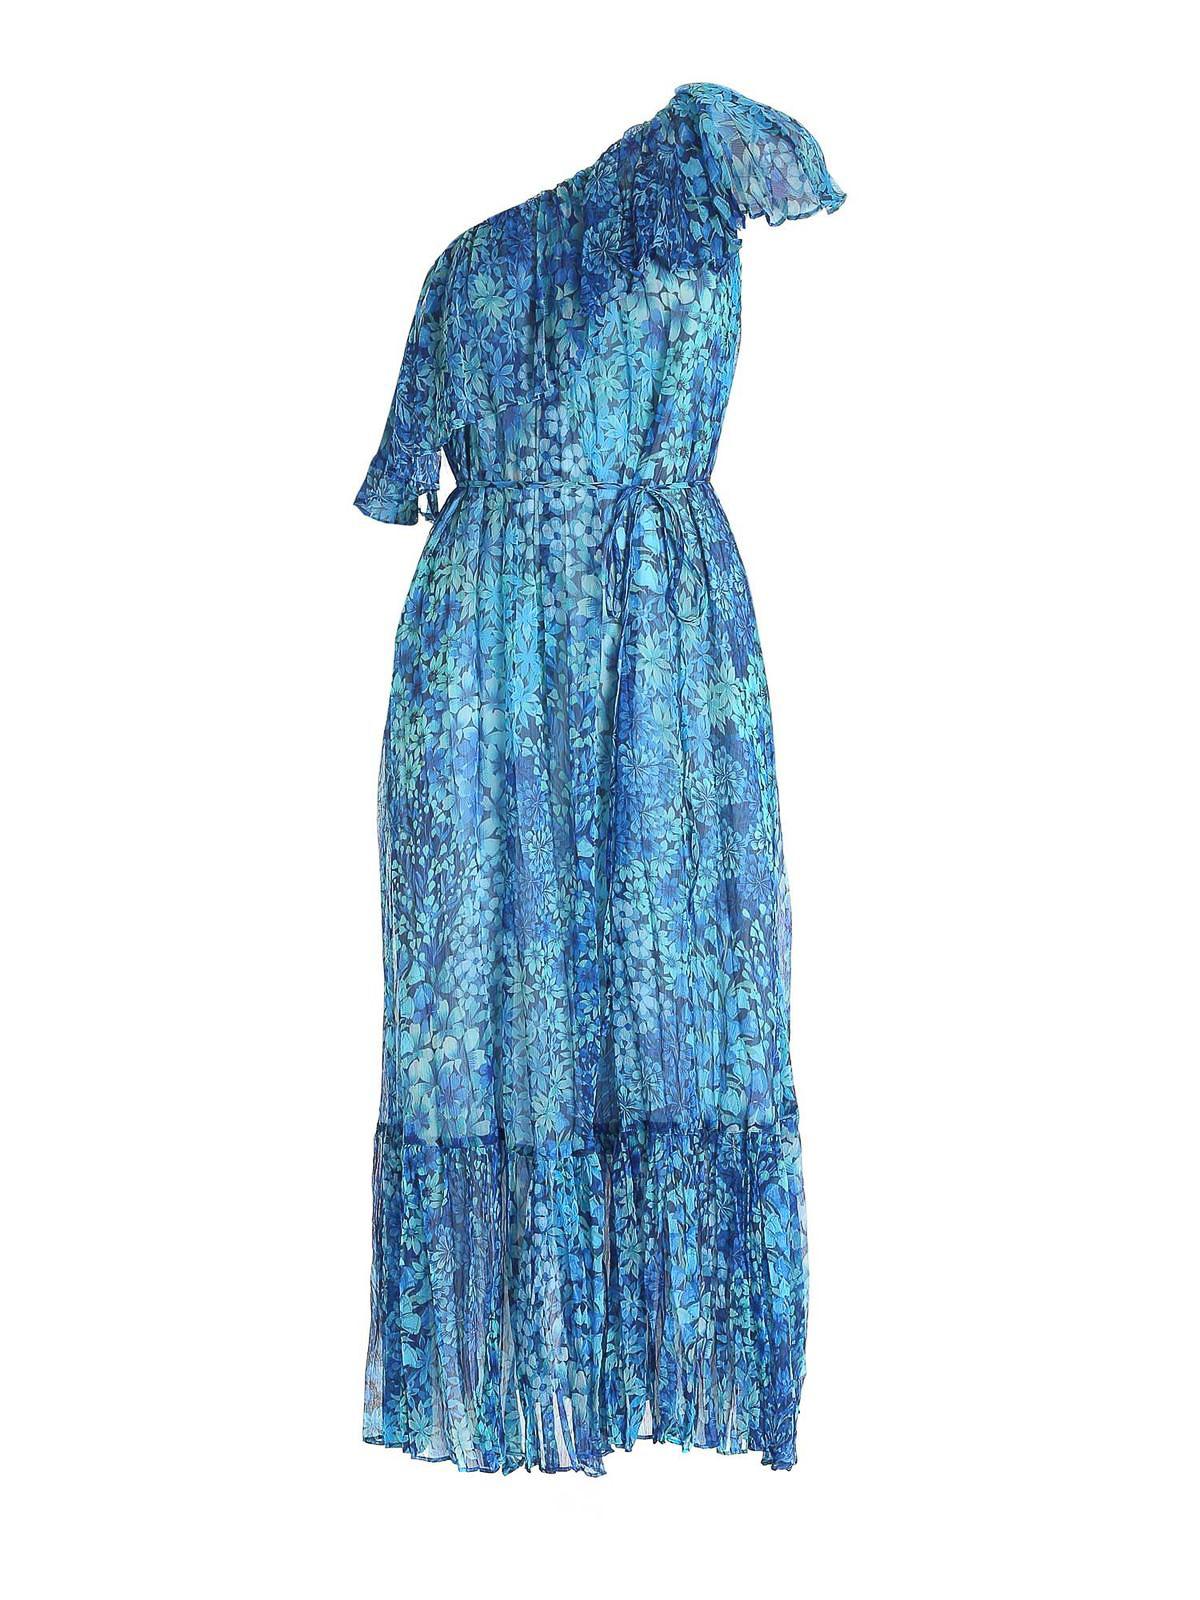 Twinset FLORAL PATTERNED CREPONNE ONE-SHOULDER DRESS